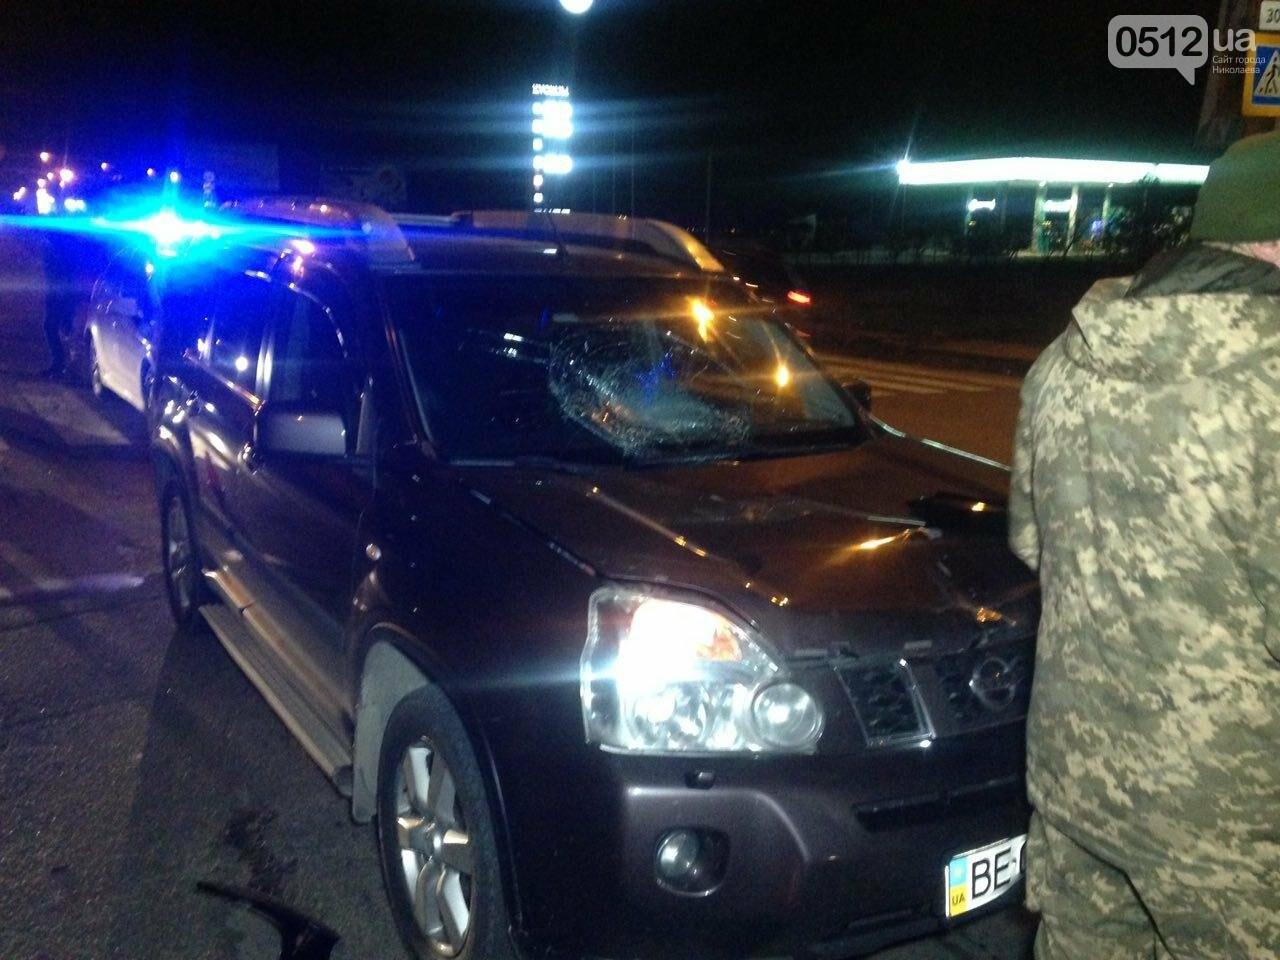 """В Николаеве на пешеходном переходе """"Ниссан"""" сбил военного - его с травмой головы госпитализировали, - ФОТО , фото-2"""